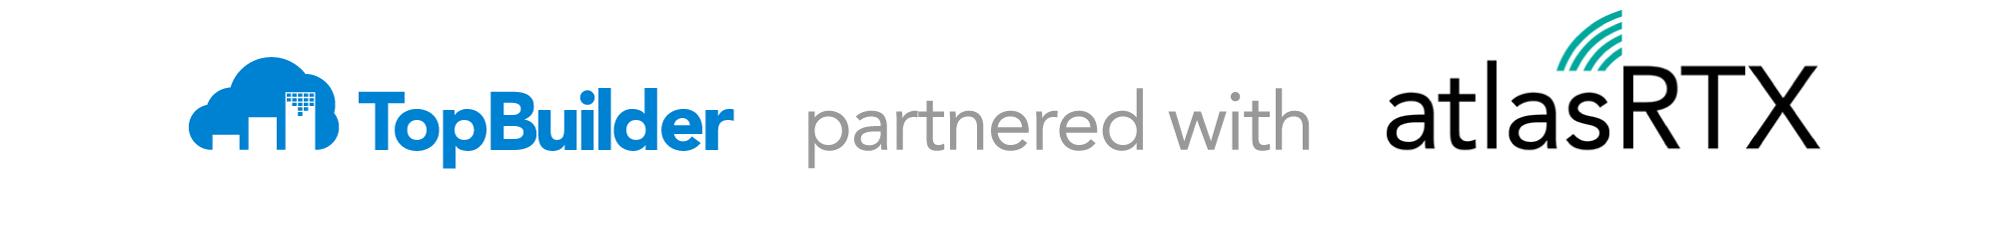 TopBuilder Partnered with atlasRTX